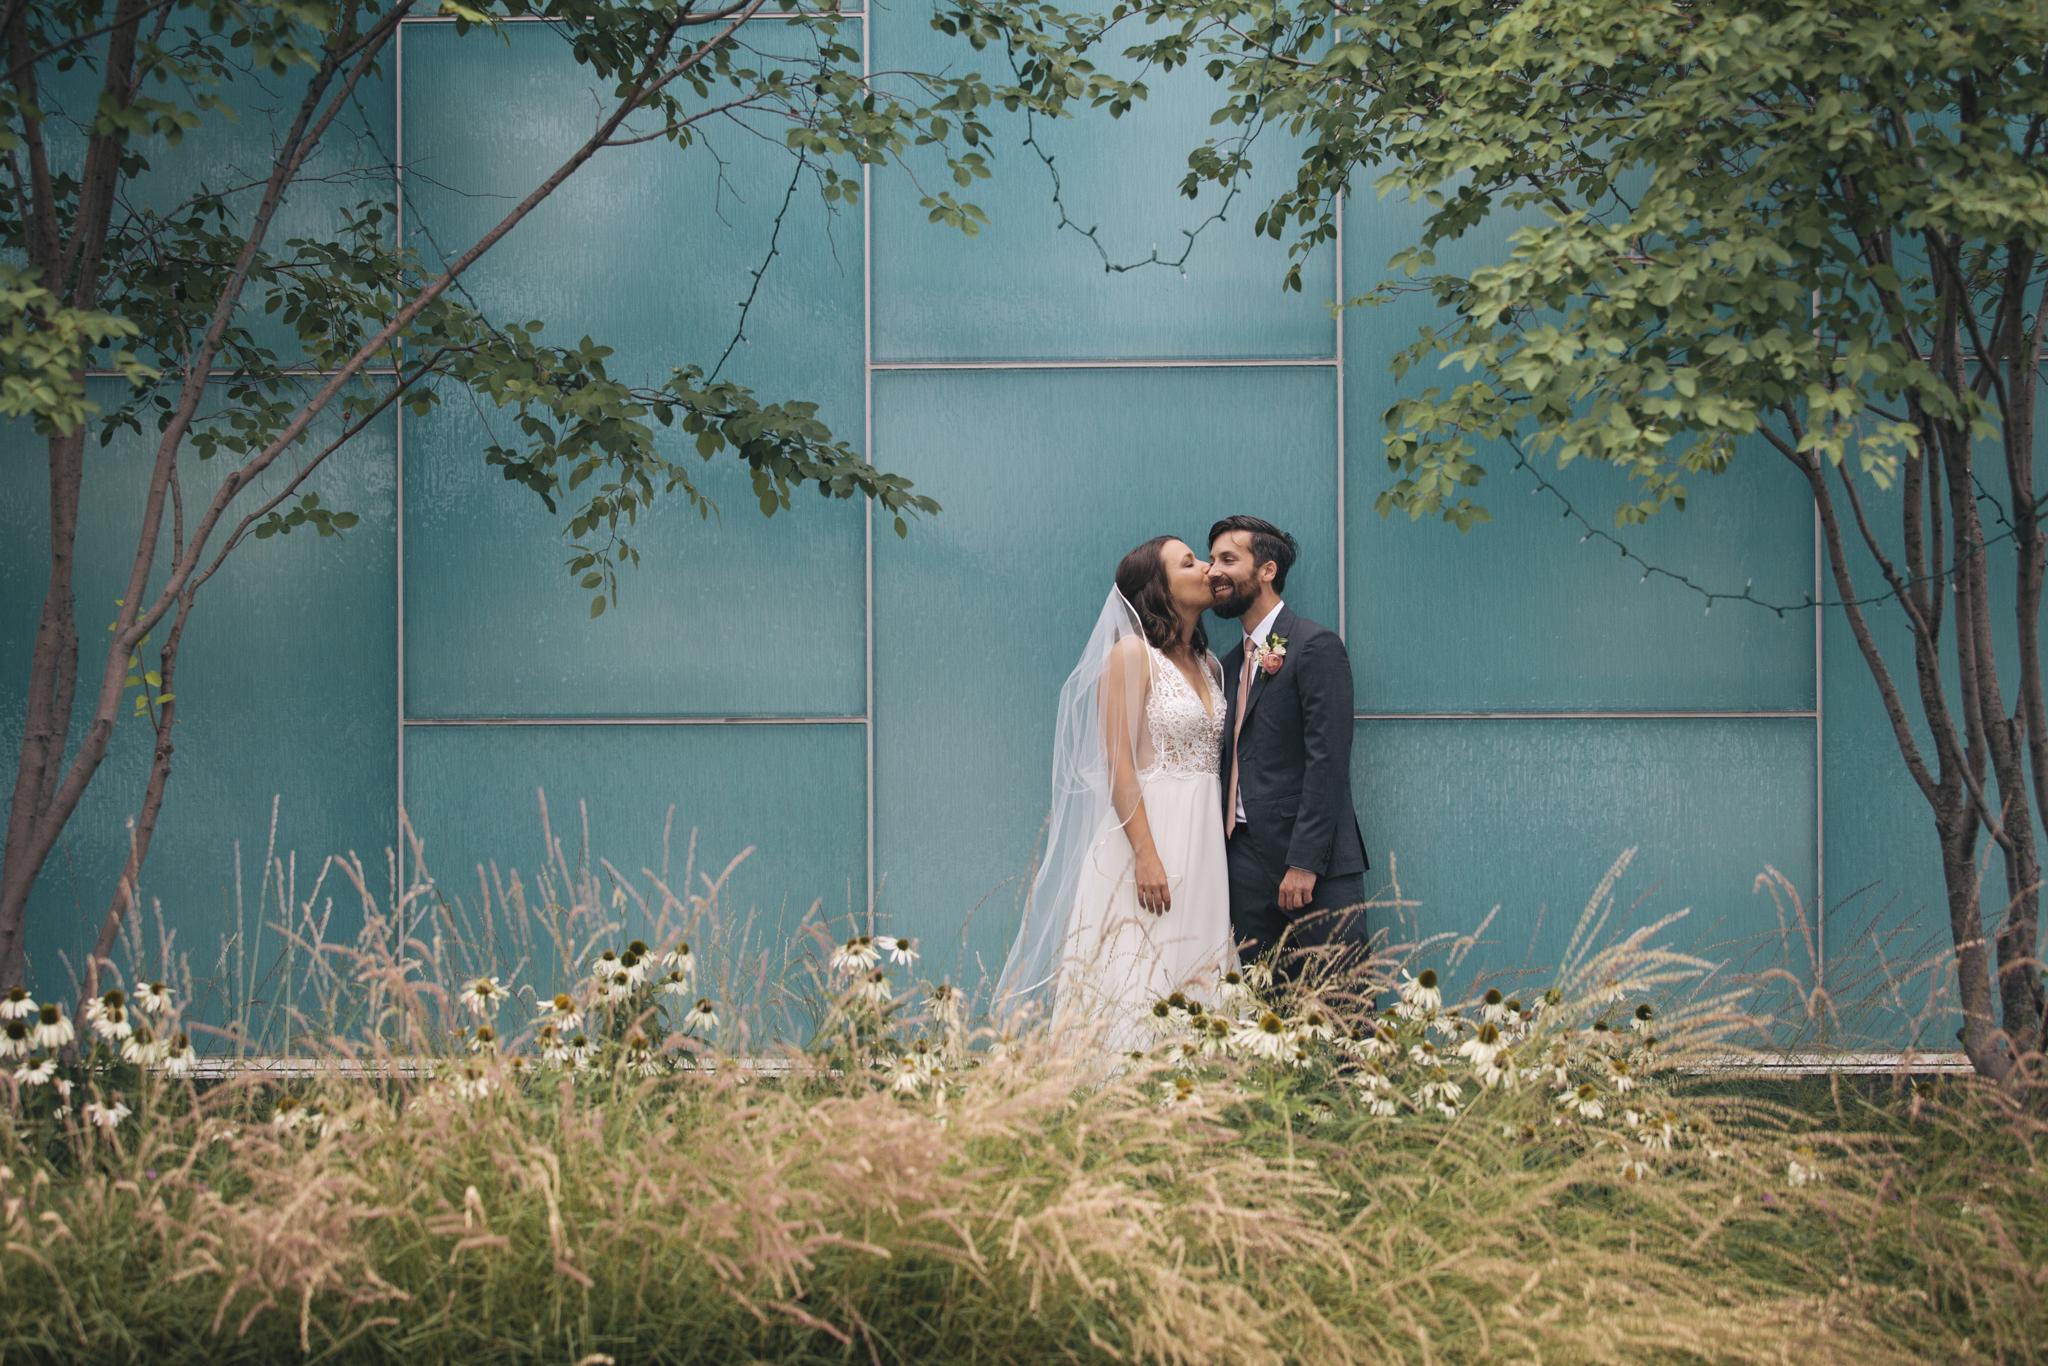 harlan_megmike_wedding_28.jpg